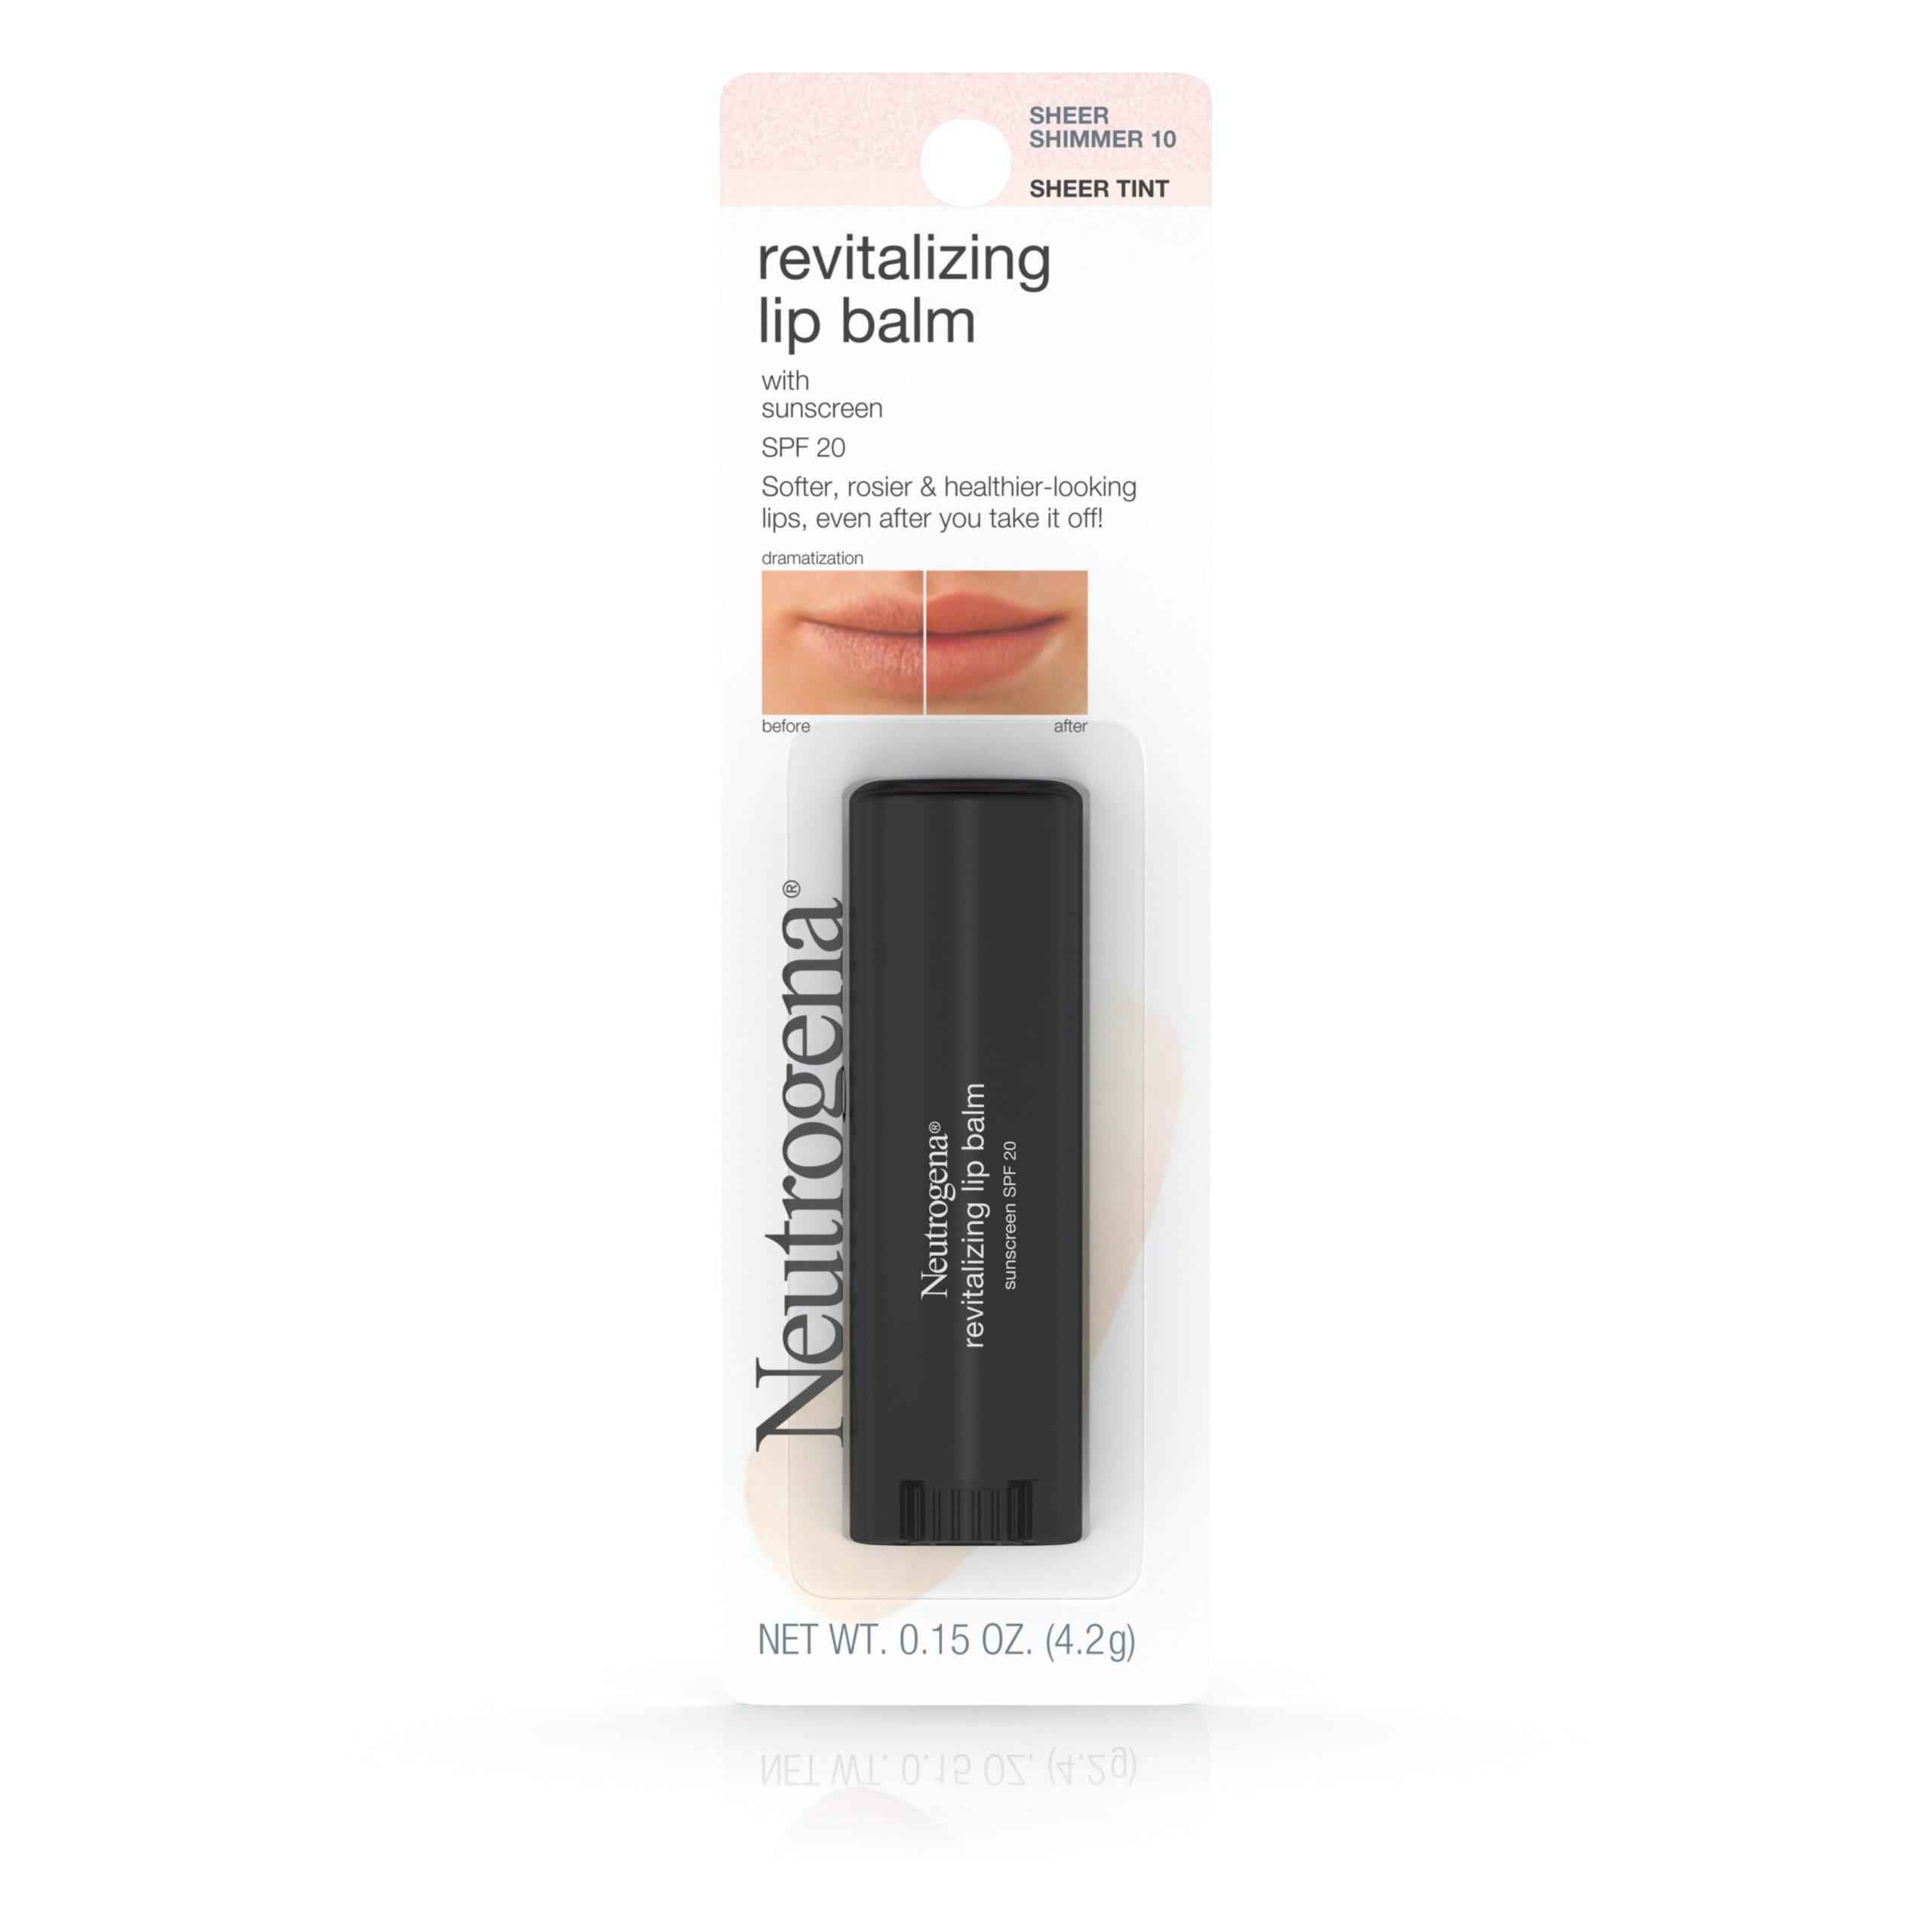 Revitalizing Lip Balm Spf 20 - Sheer Shimmer